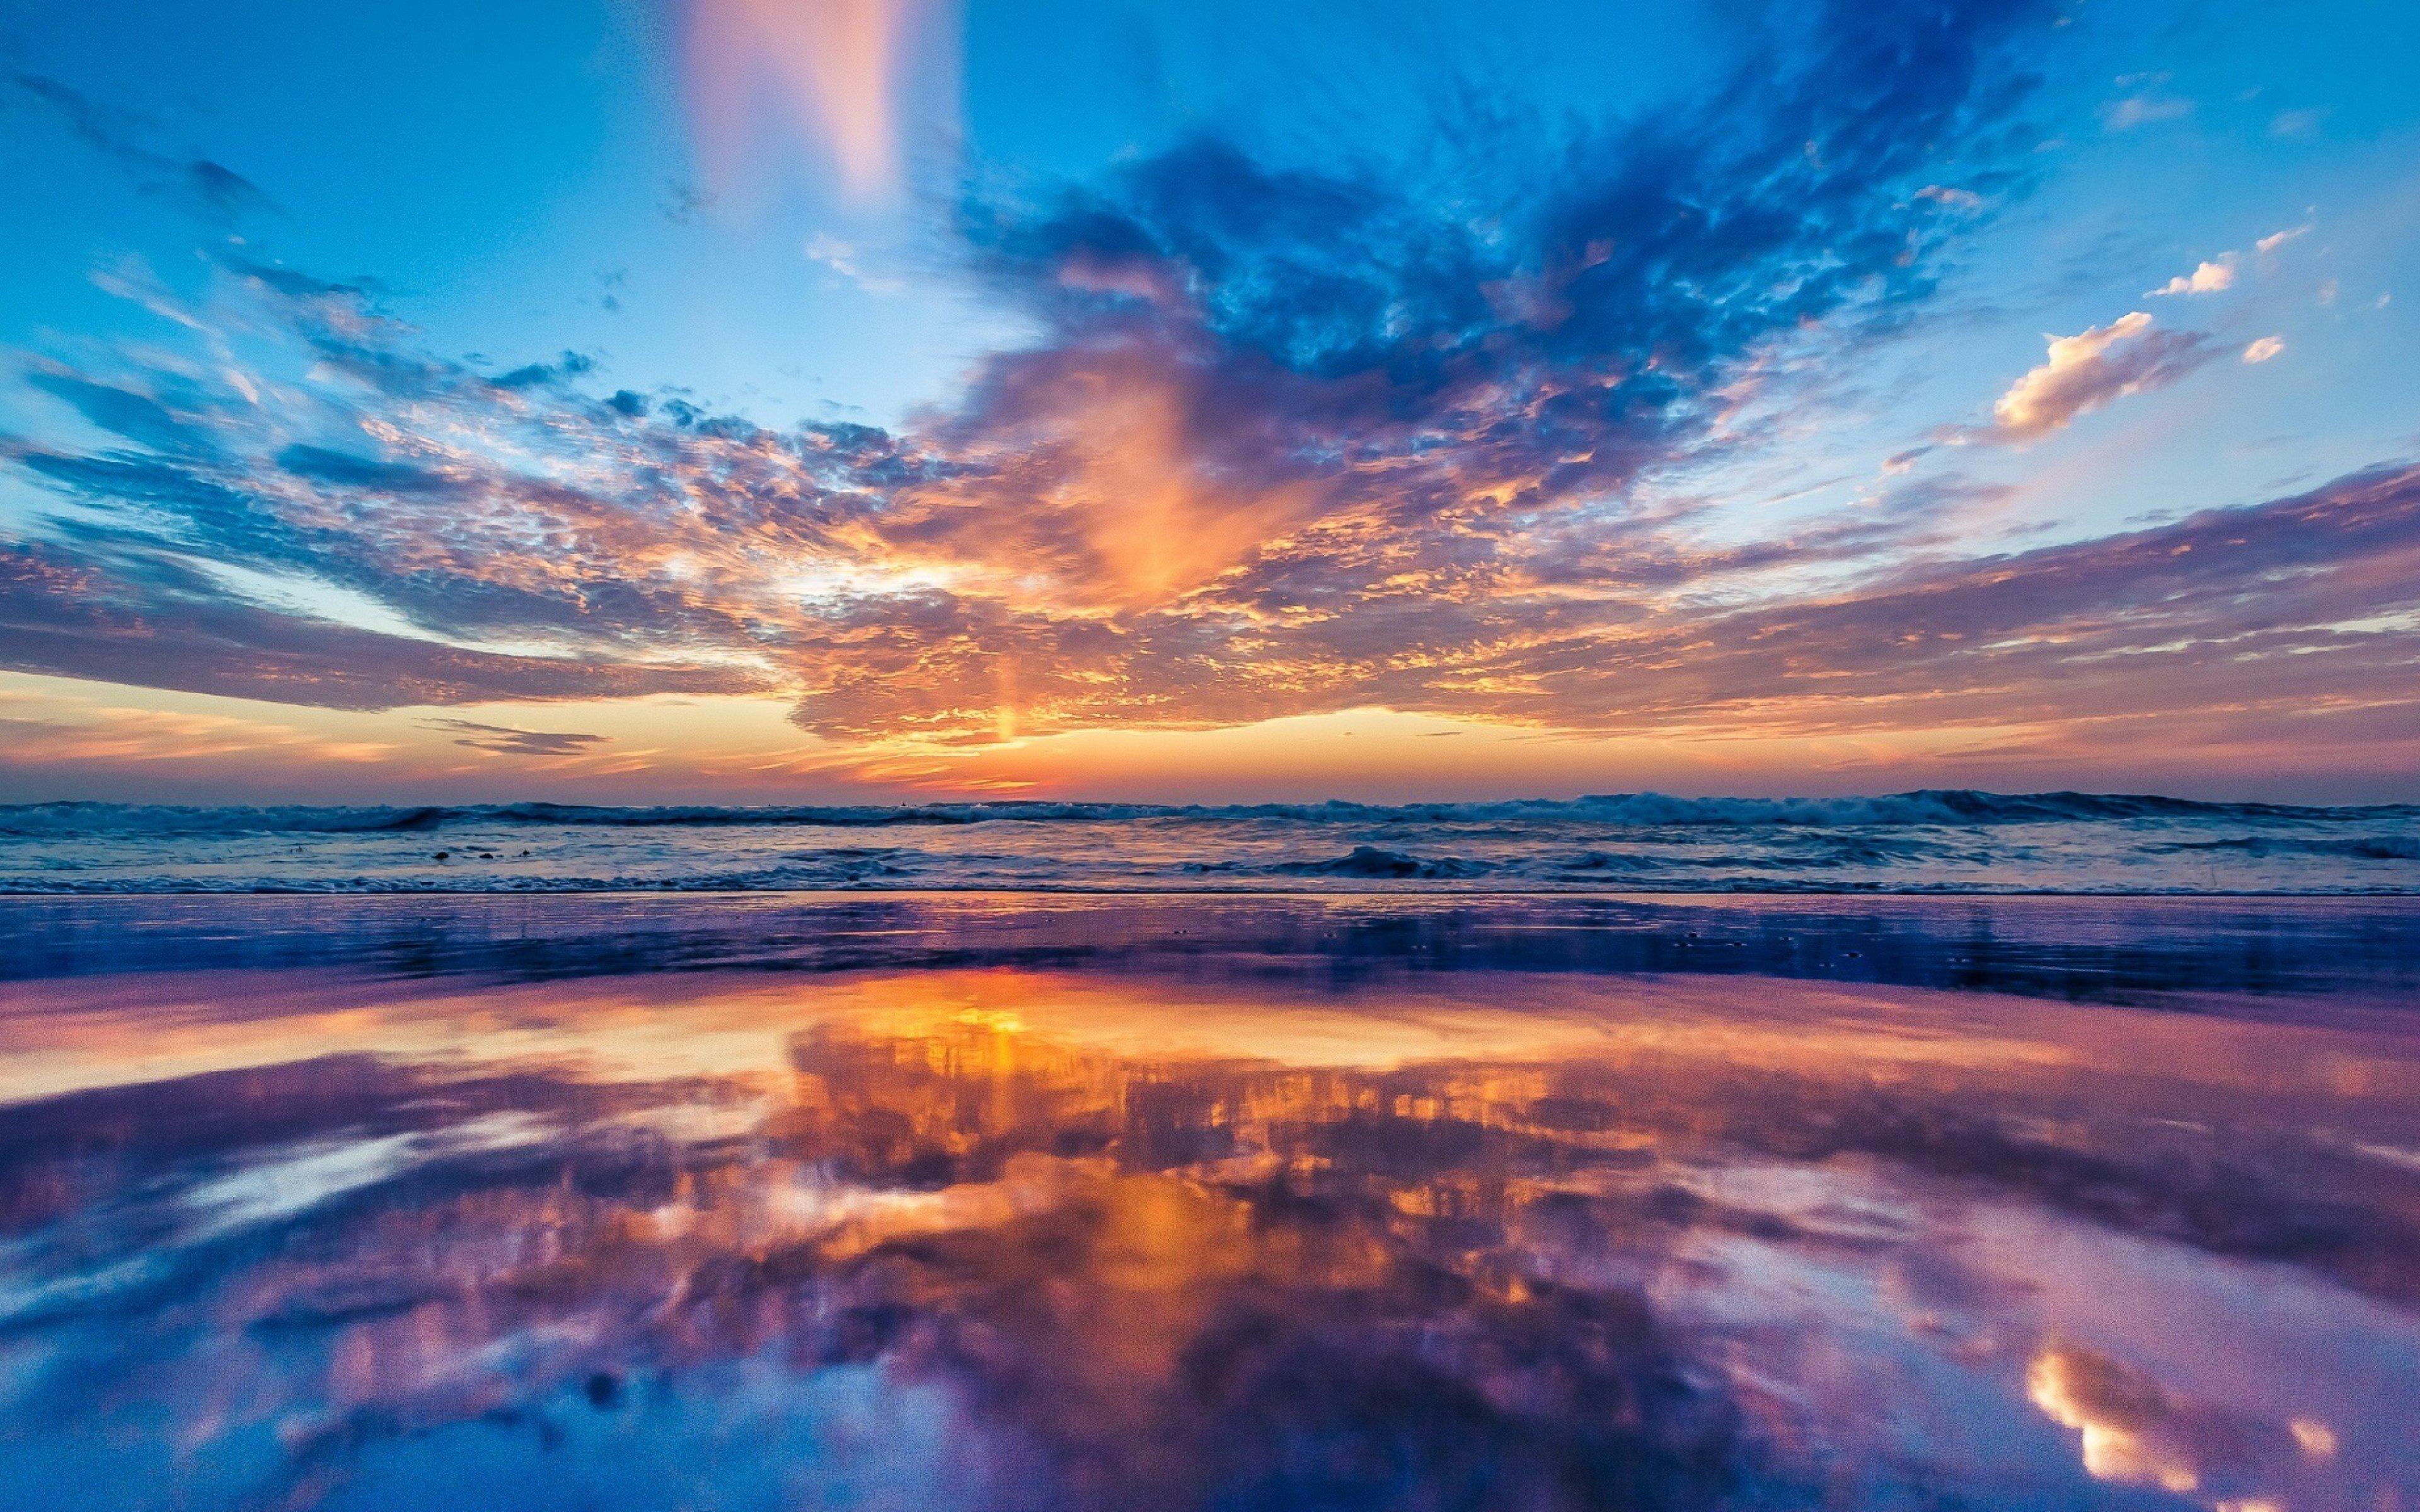 Fondos de pantalla Cielo al atardecer reflejado en el mar